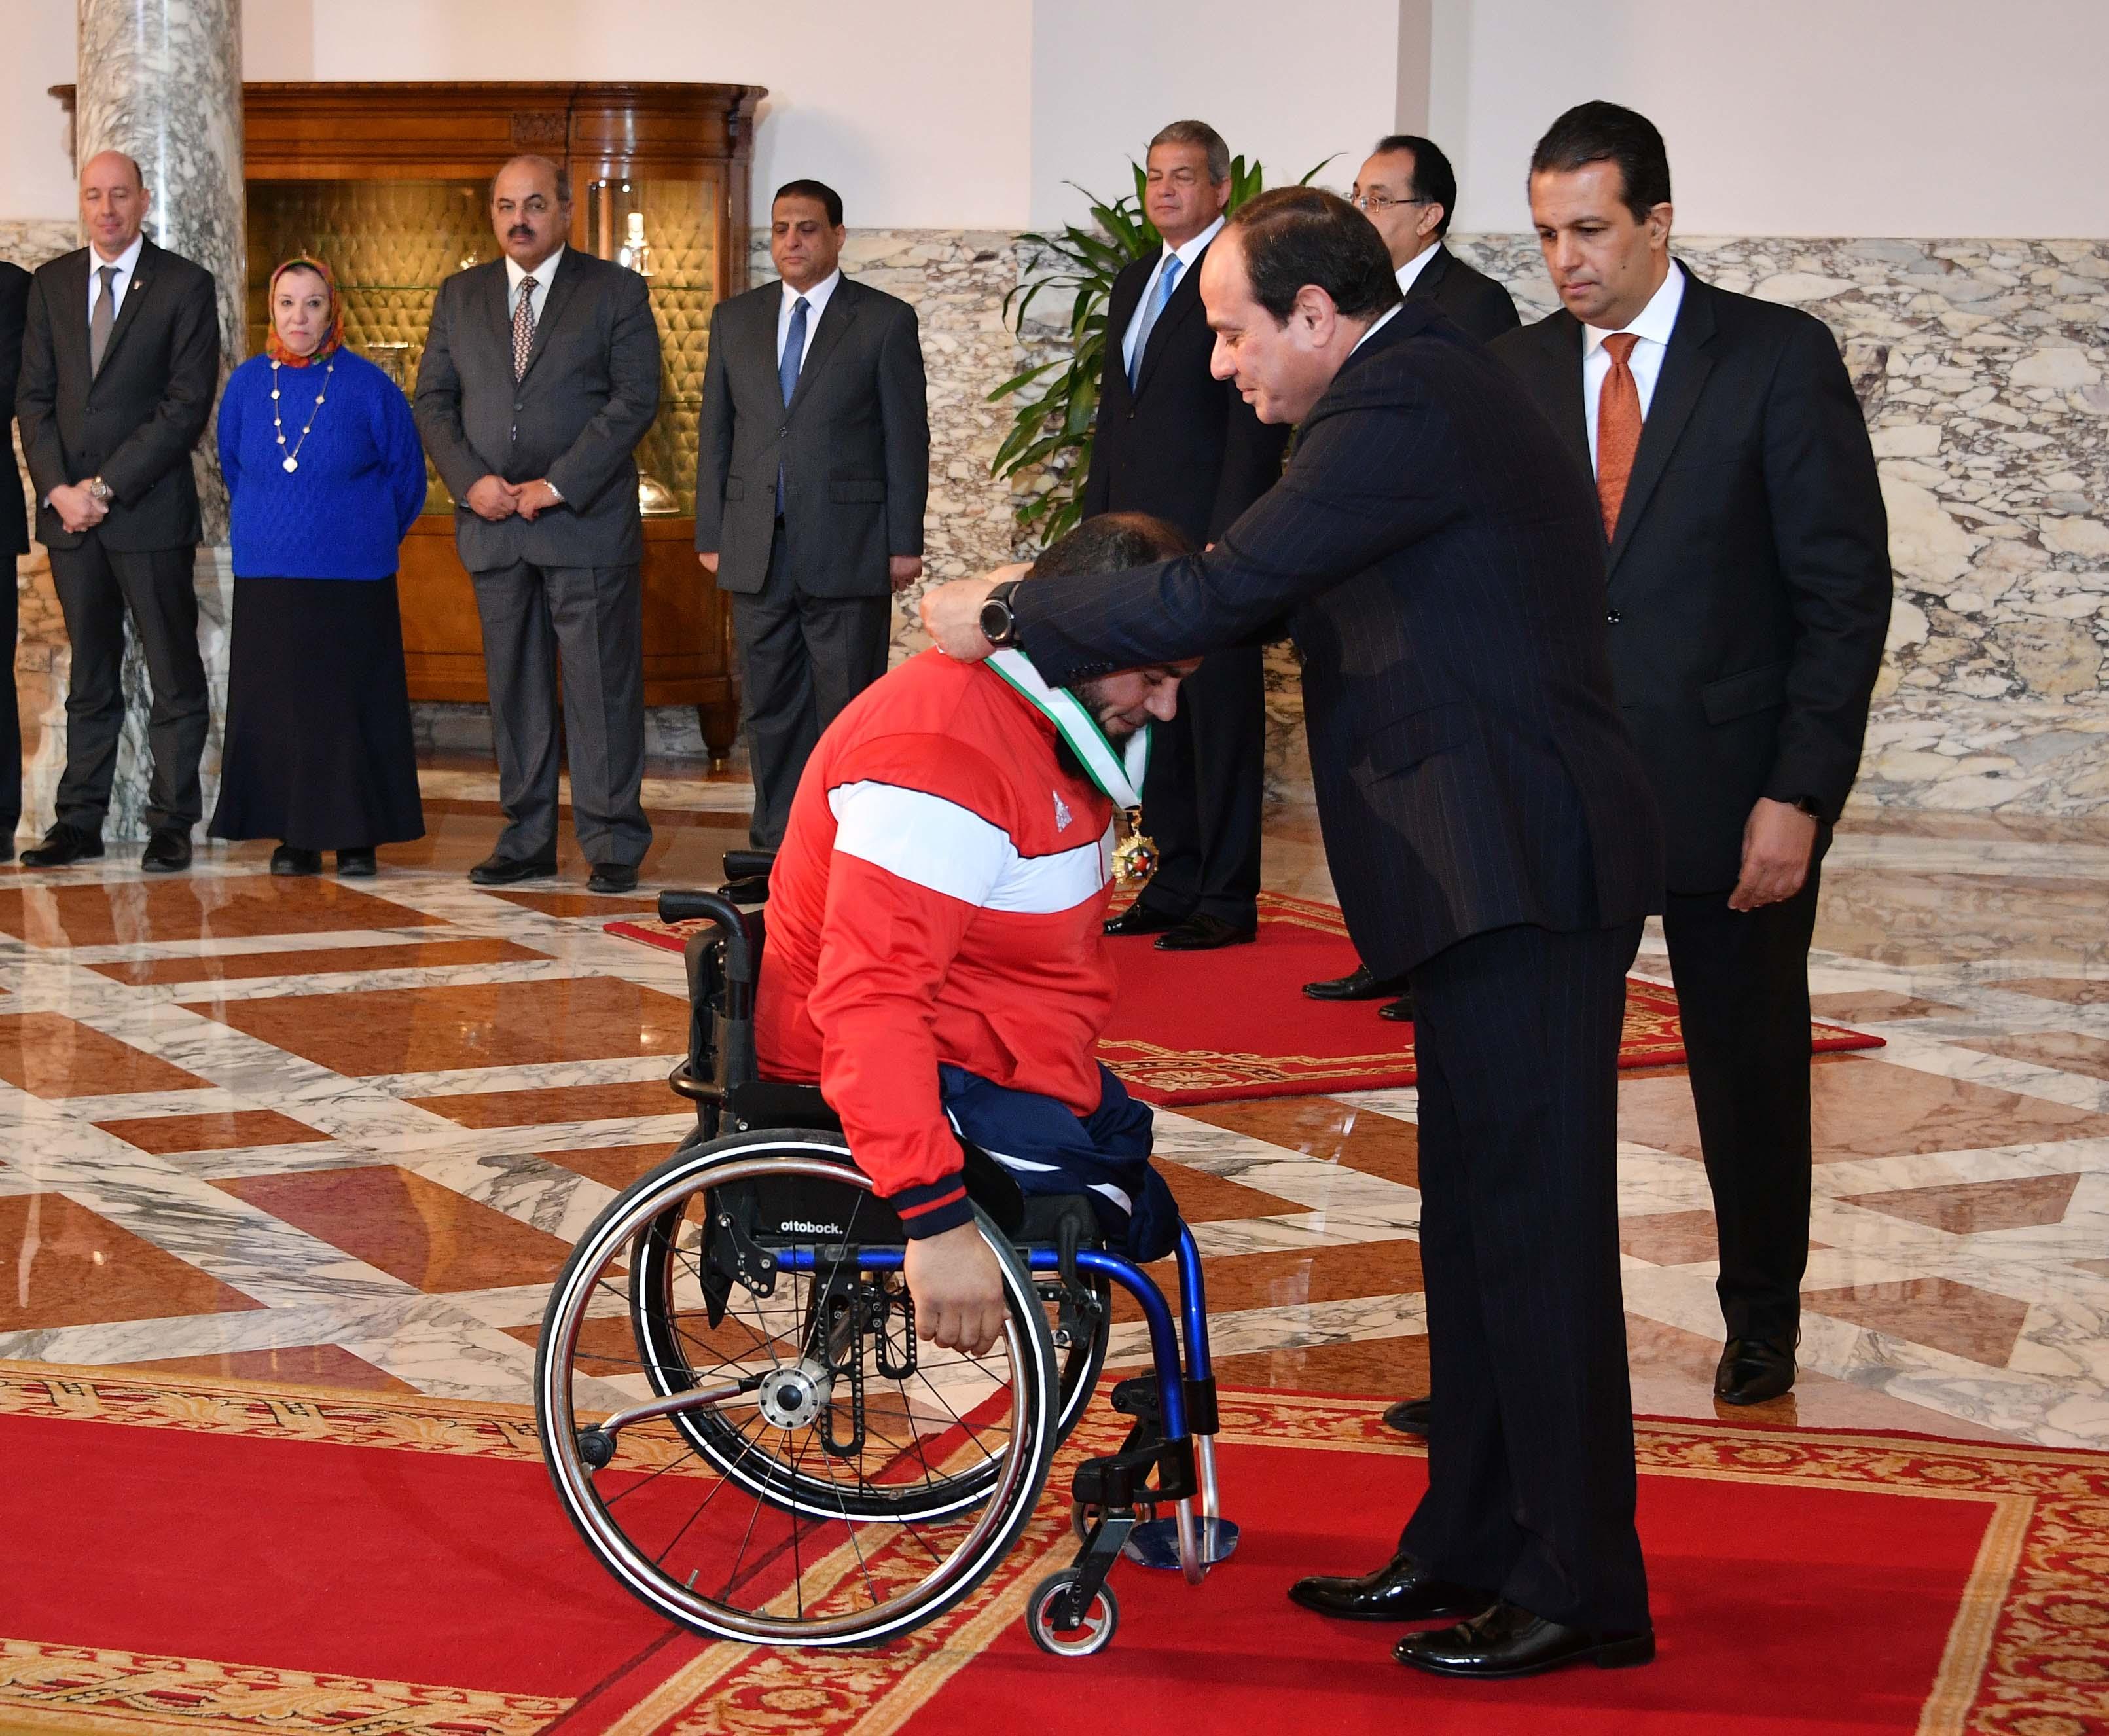 السيسى يمنح أوسمة الجمهورية للأبطال الرياضيين  (4)